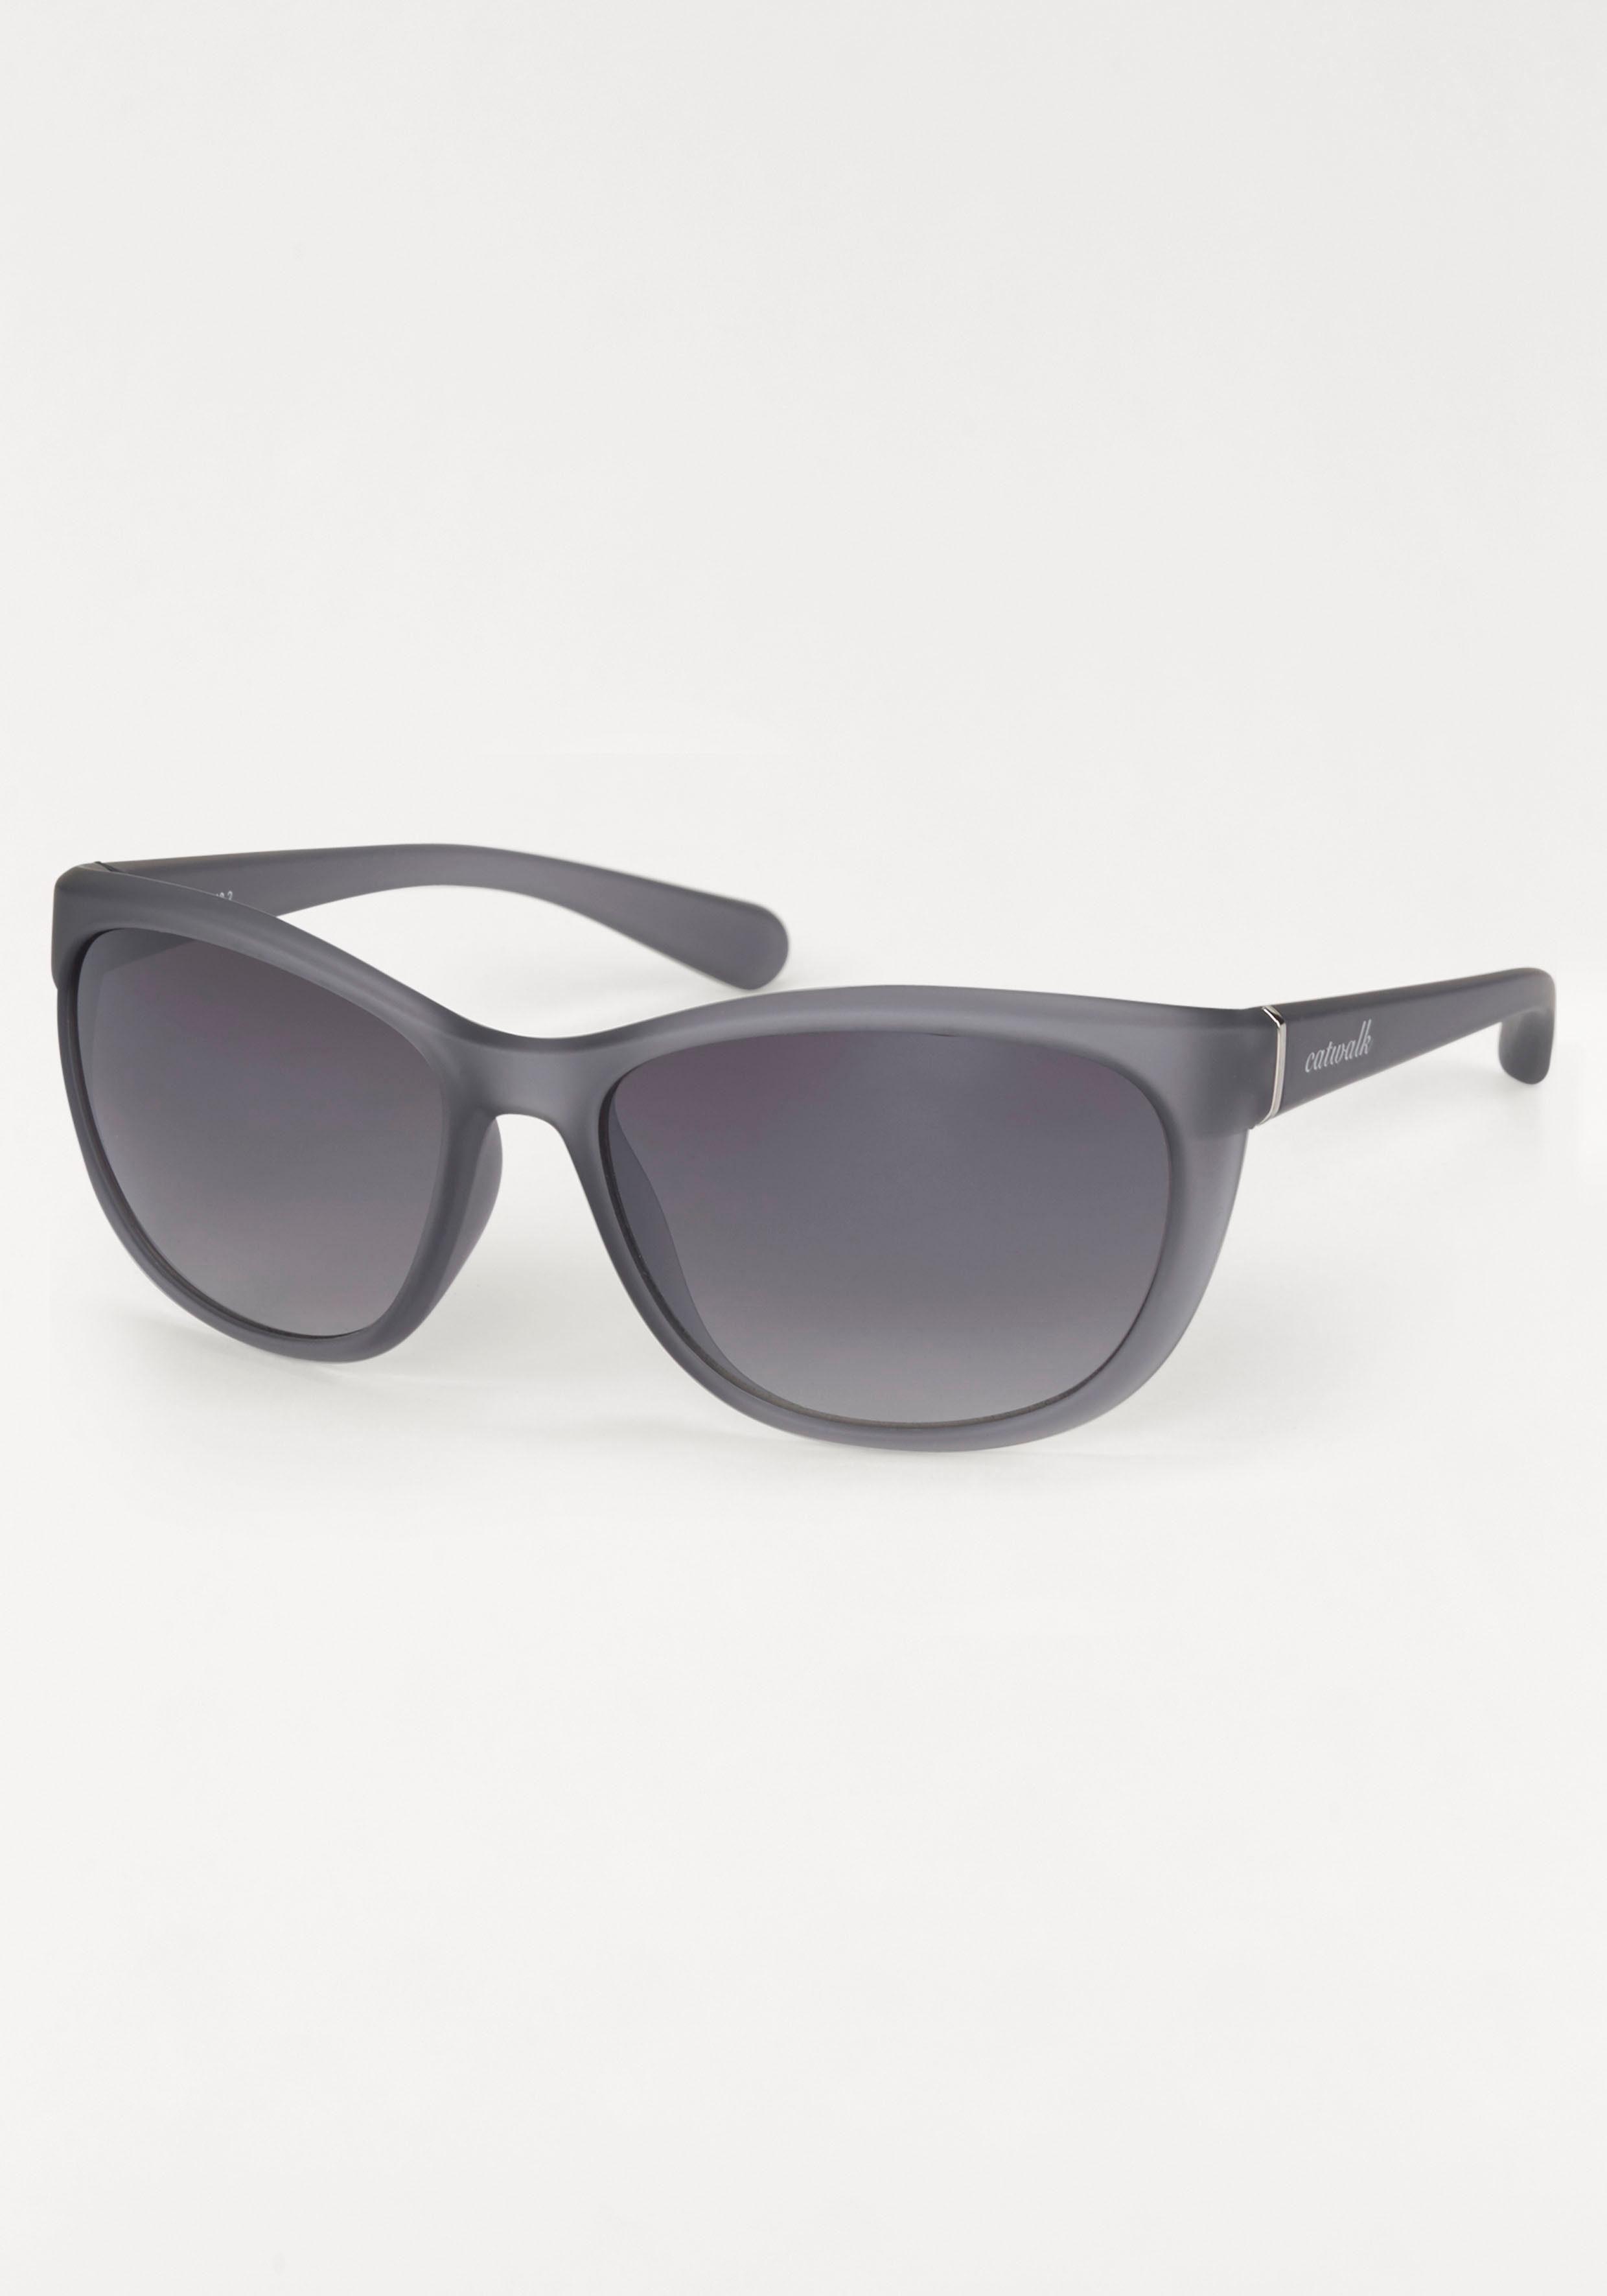 catwalk Eyewear Sonnenbrille, im zeitlosen Design, grau, dunkelgrau